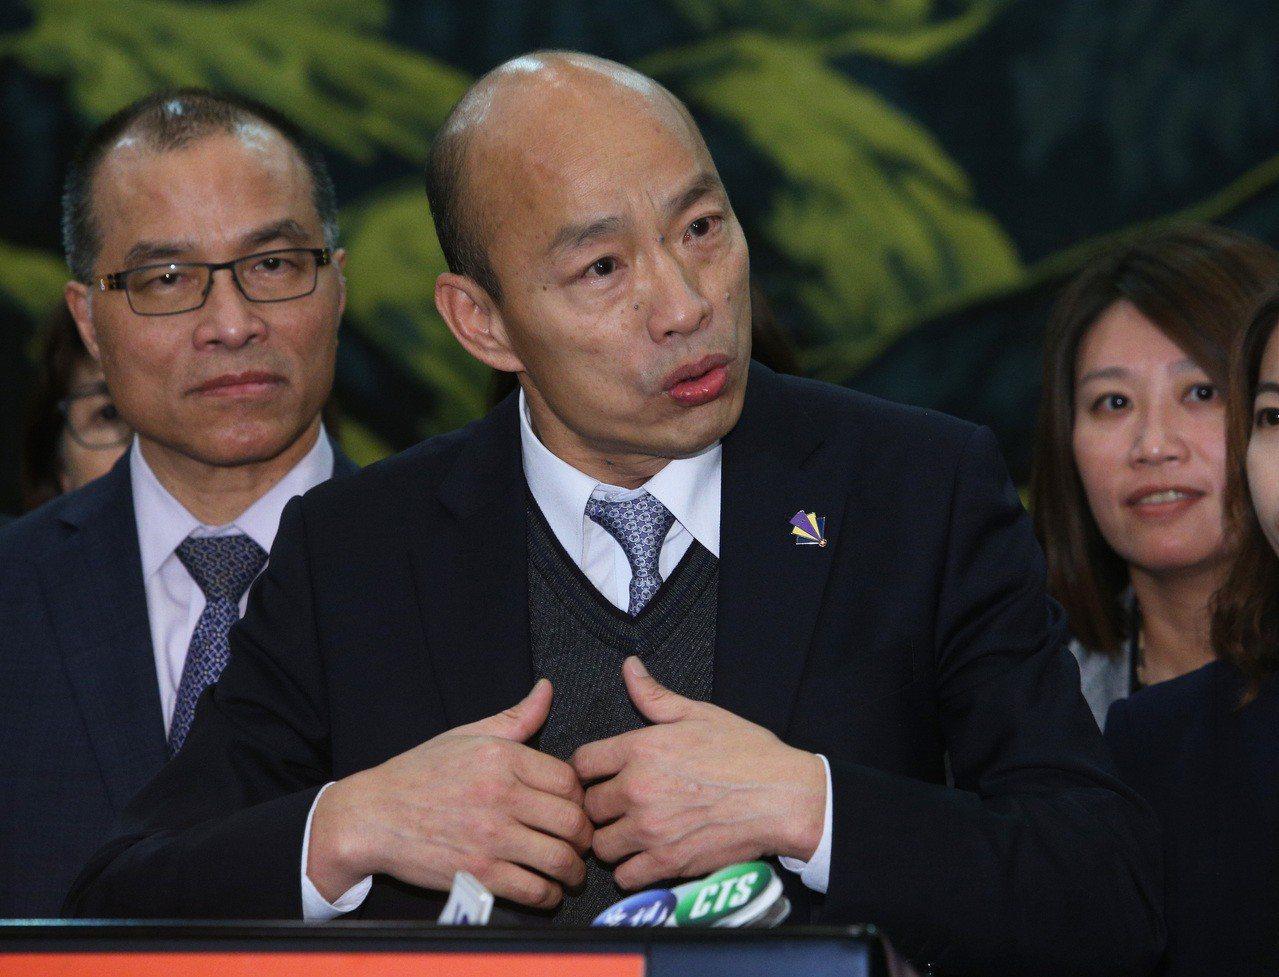 對於韓國瑜可能加入二O二O選戰,恐為立委選情帶來變數,民進黨立委普遍評估影響不大...